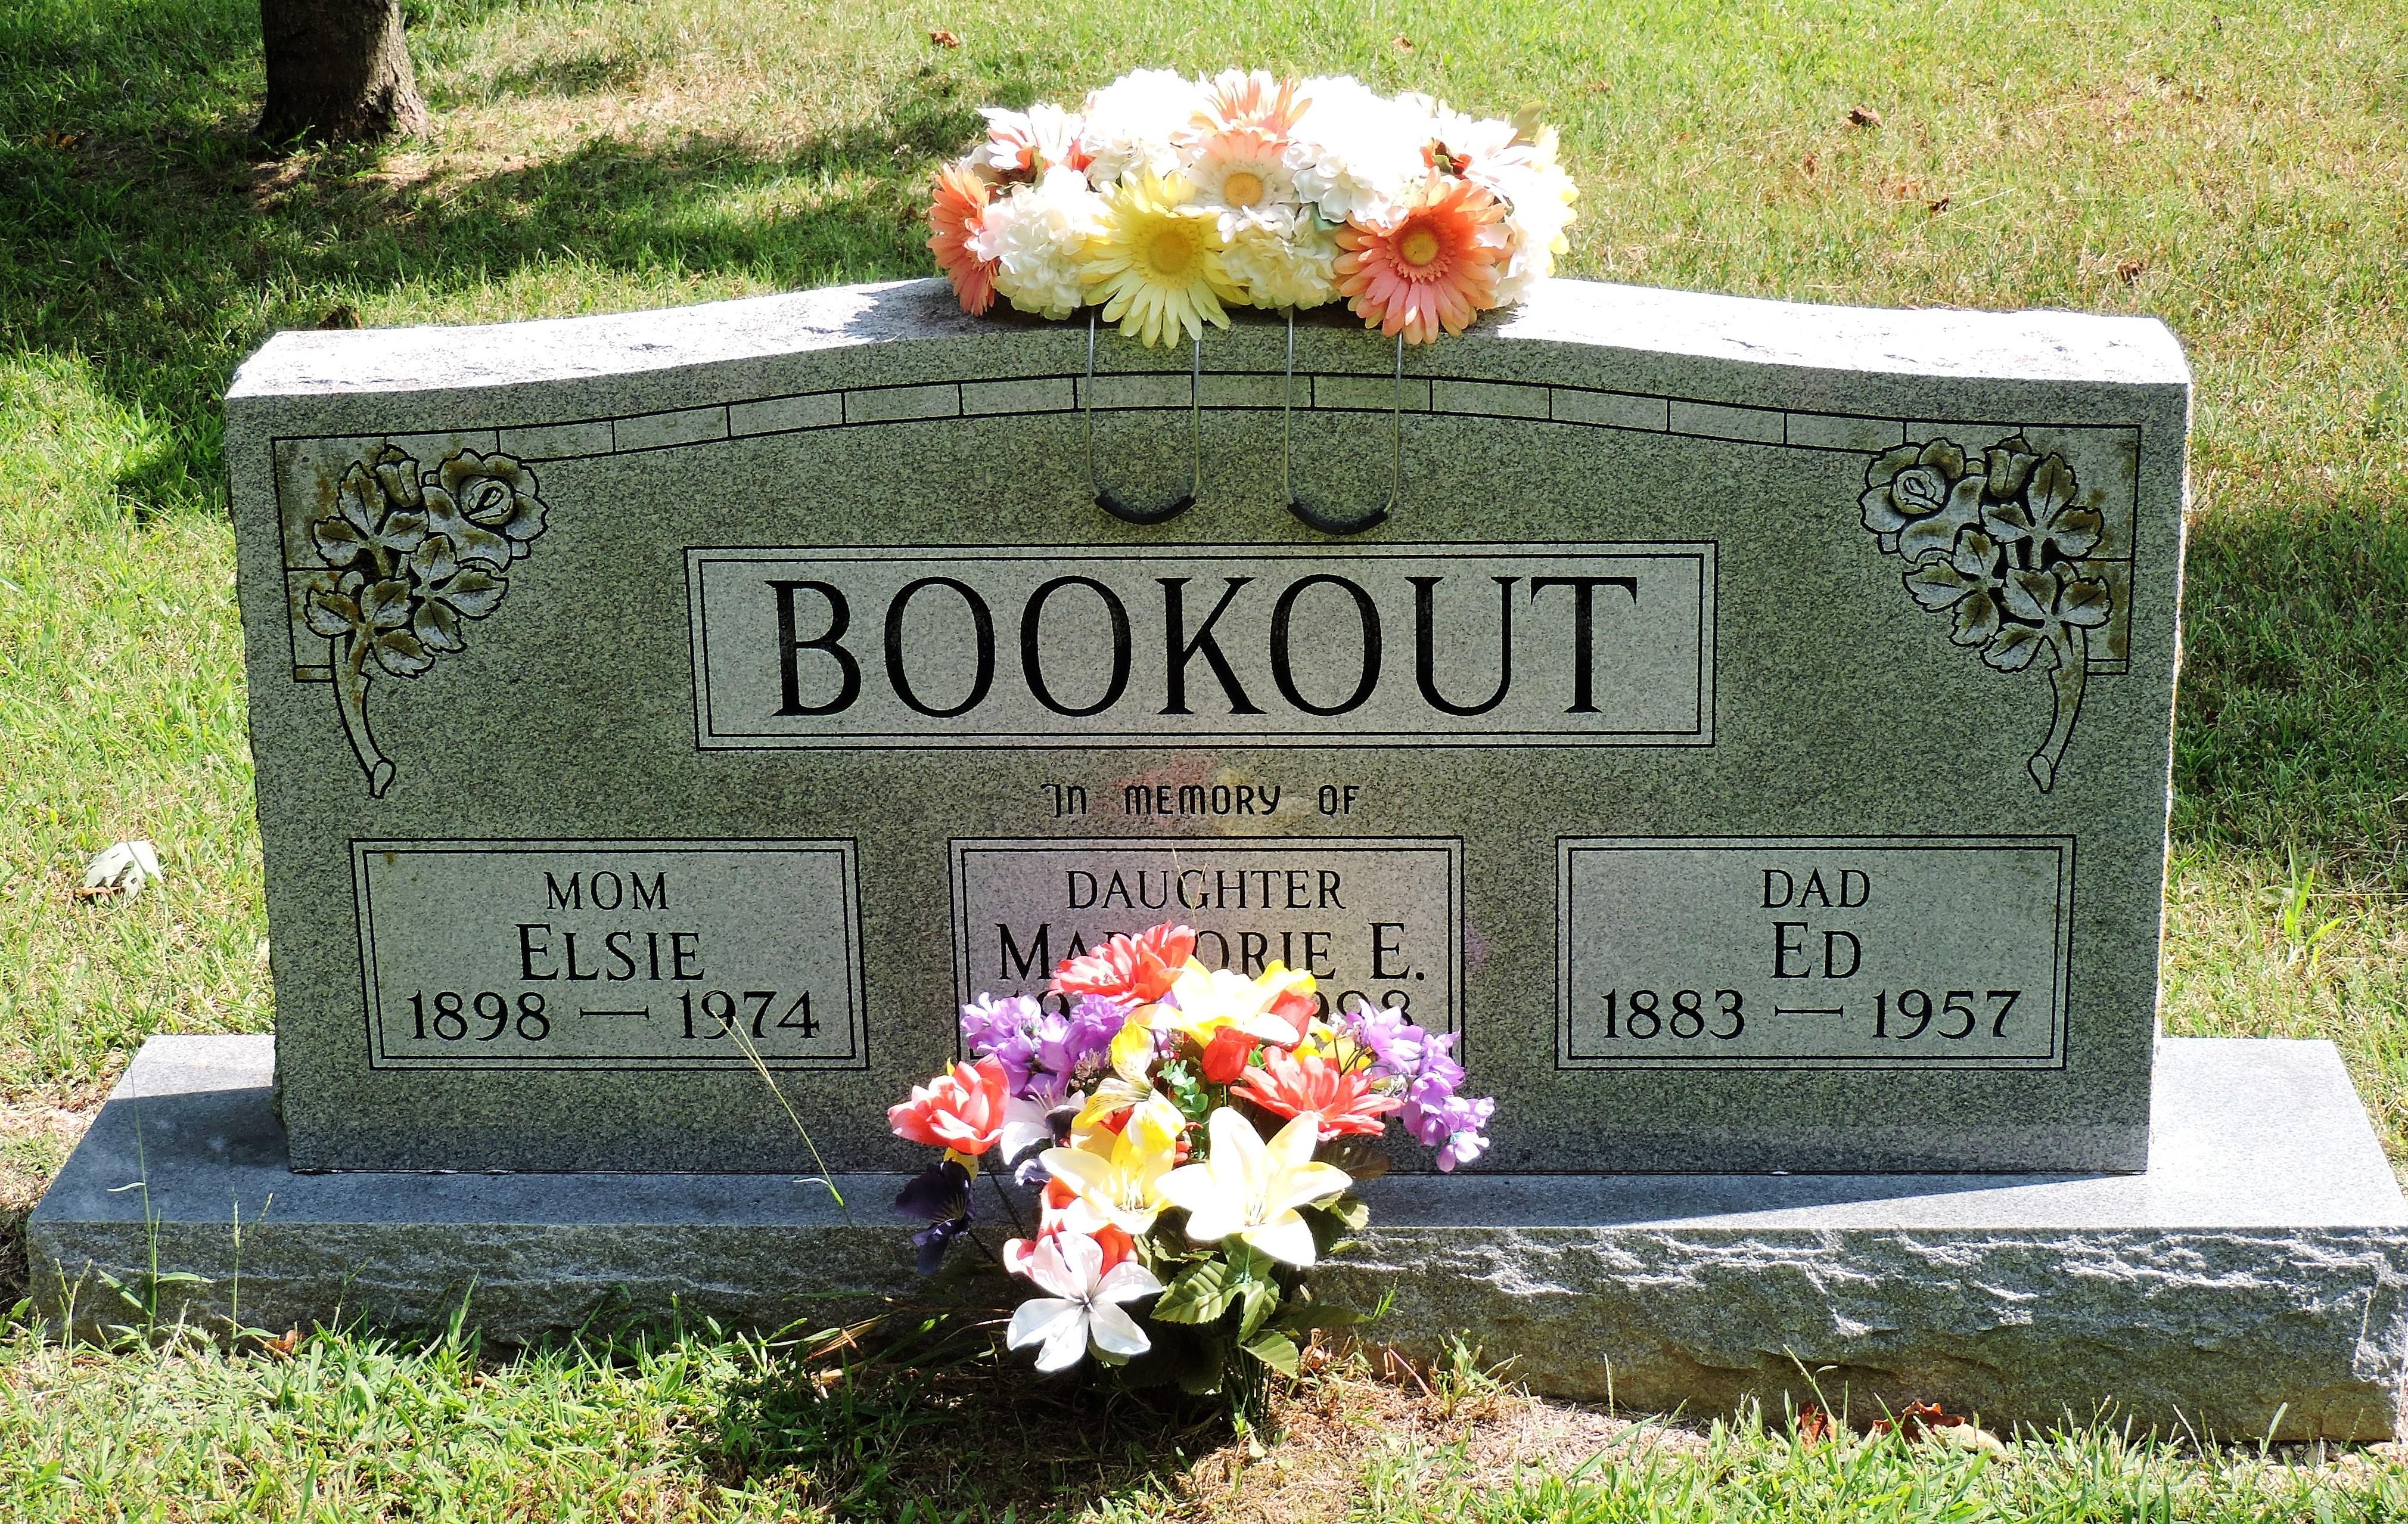 Edward Bookout